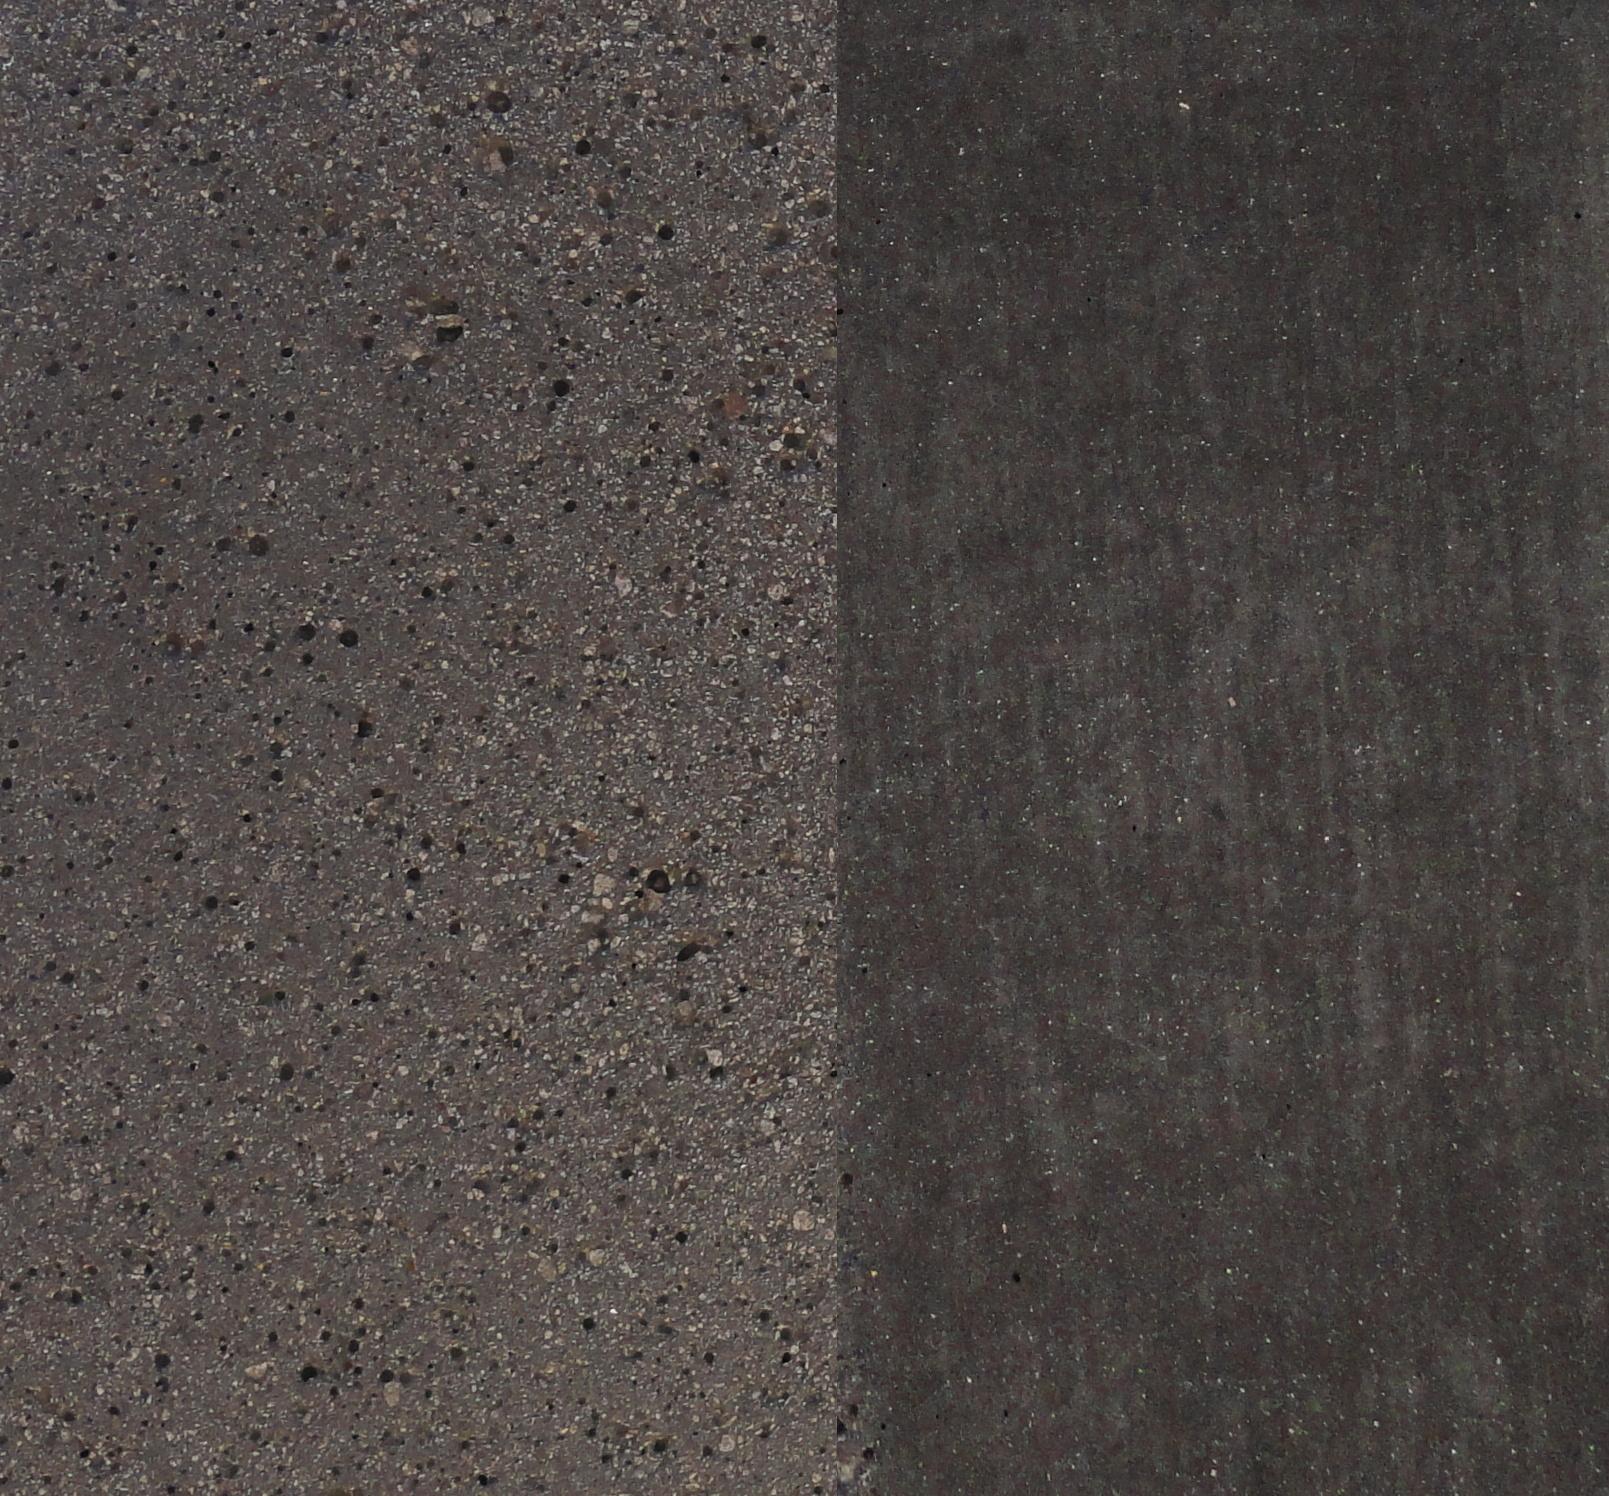 Farbe: Schiefer, Farbnummer: 18, sandgestrahlt/schalrein